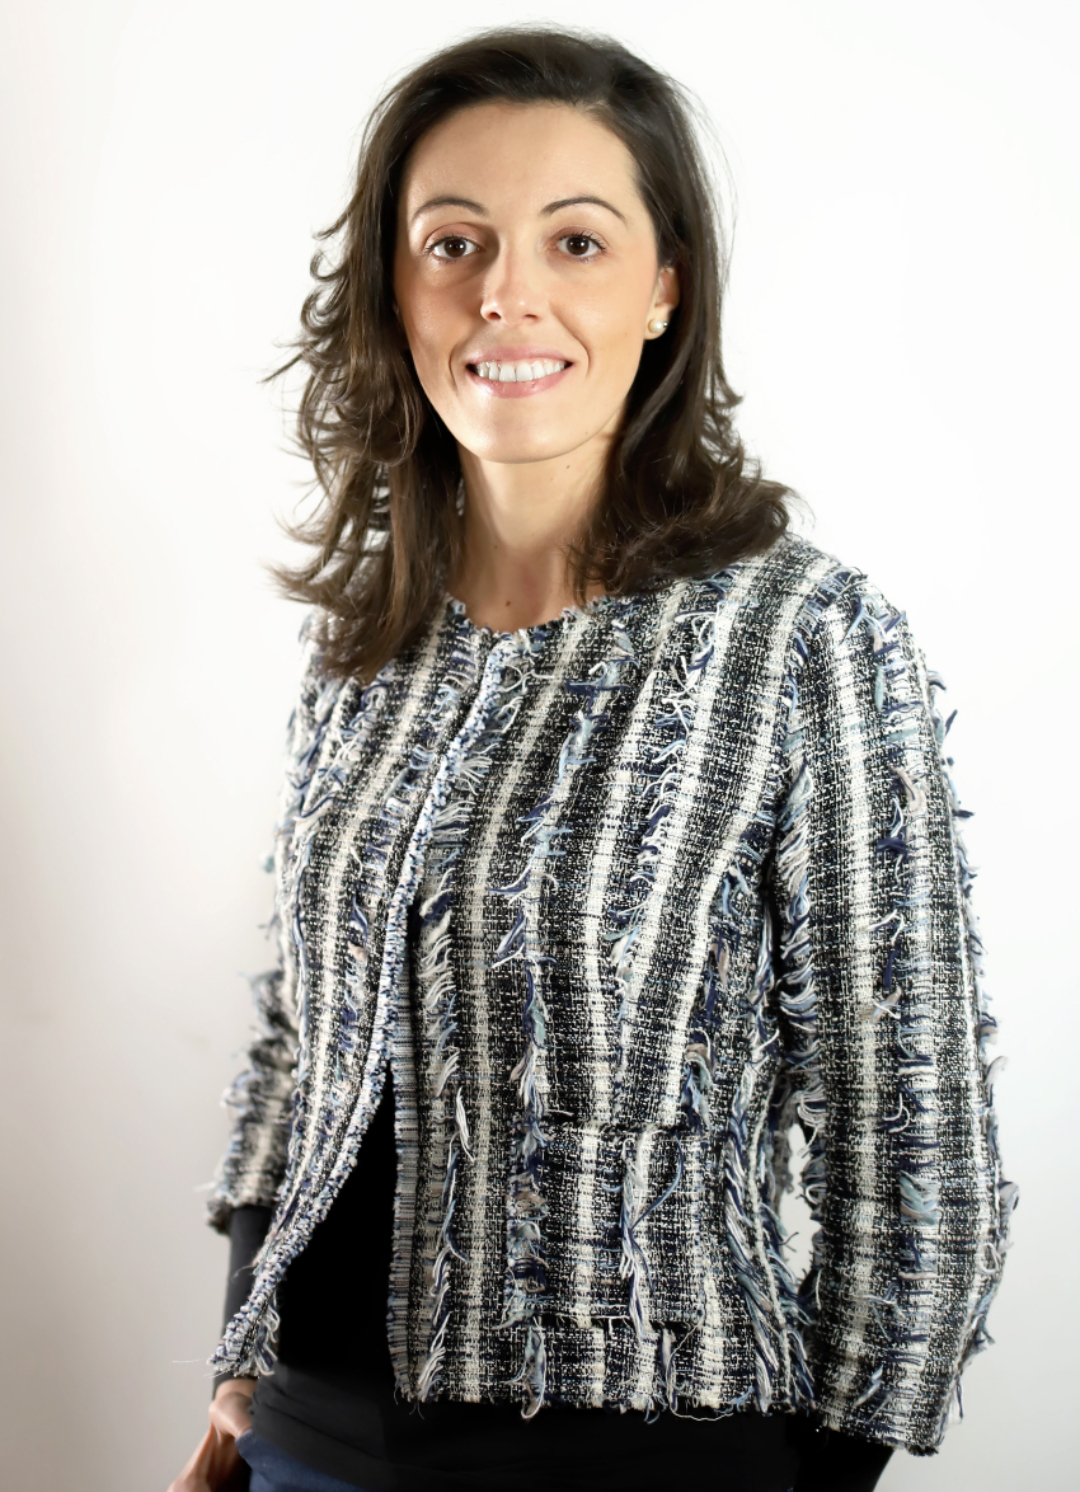 Vi presentiamo la Dott.ssa Francesca Cerutti, punto di riferimento per Legnanobimbi!